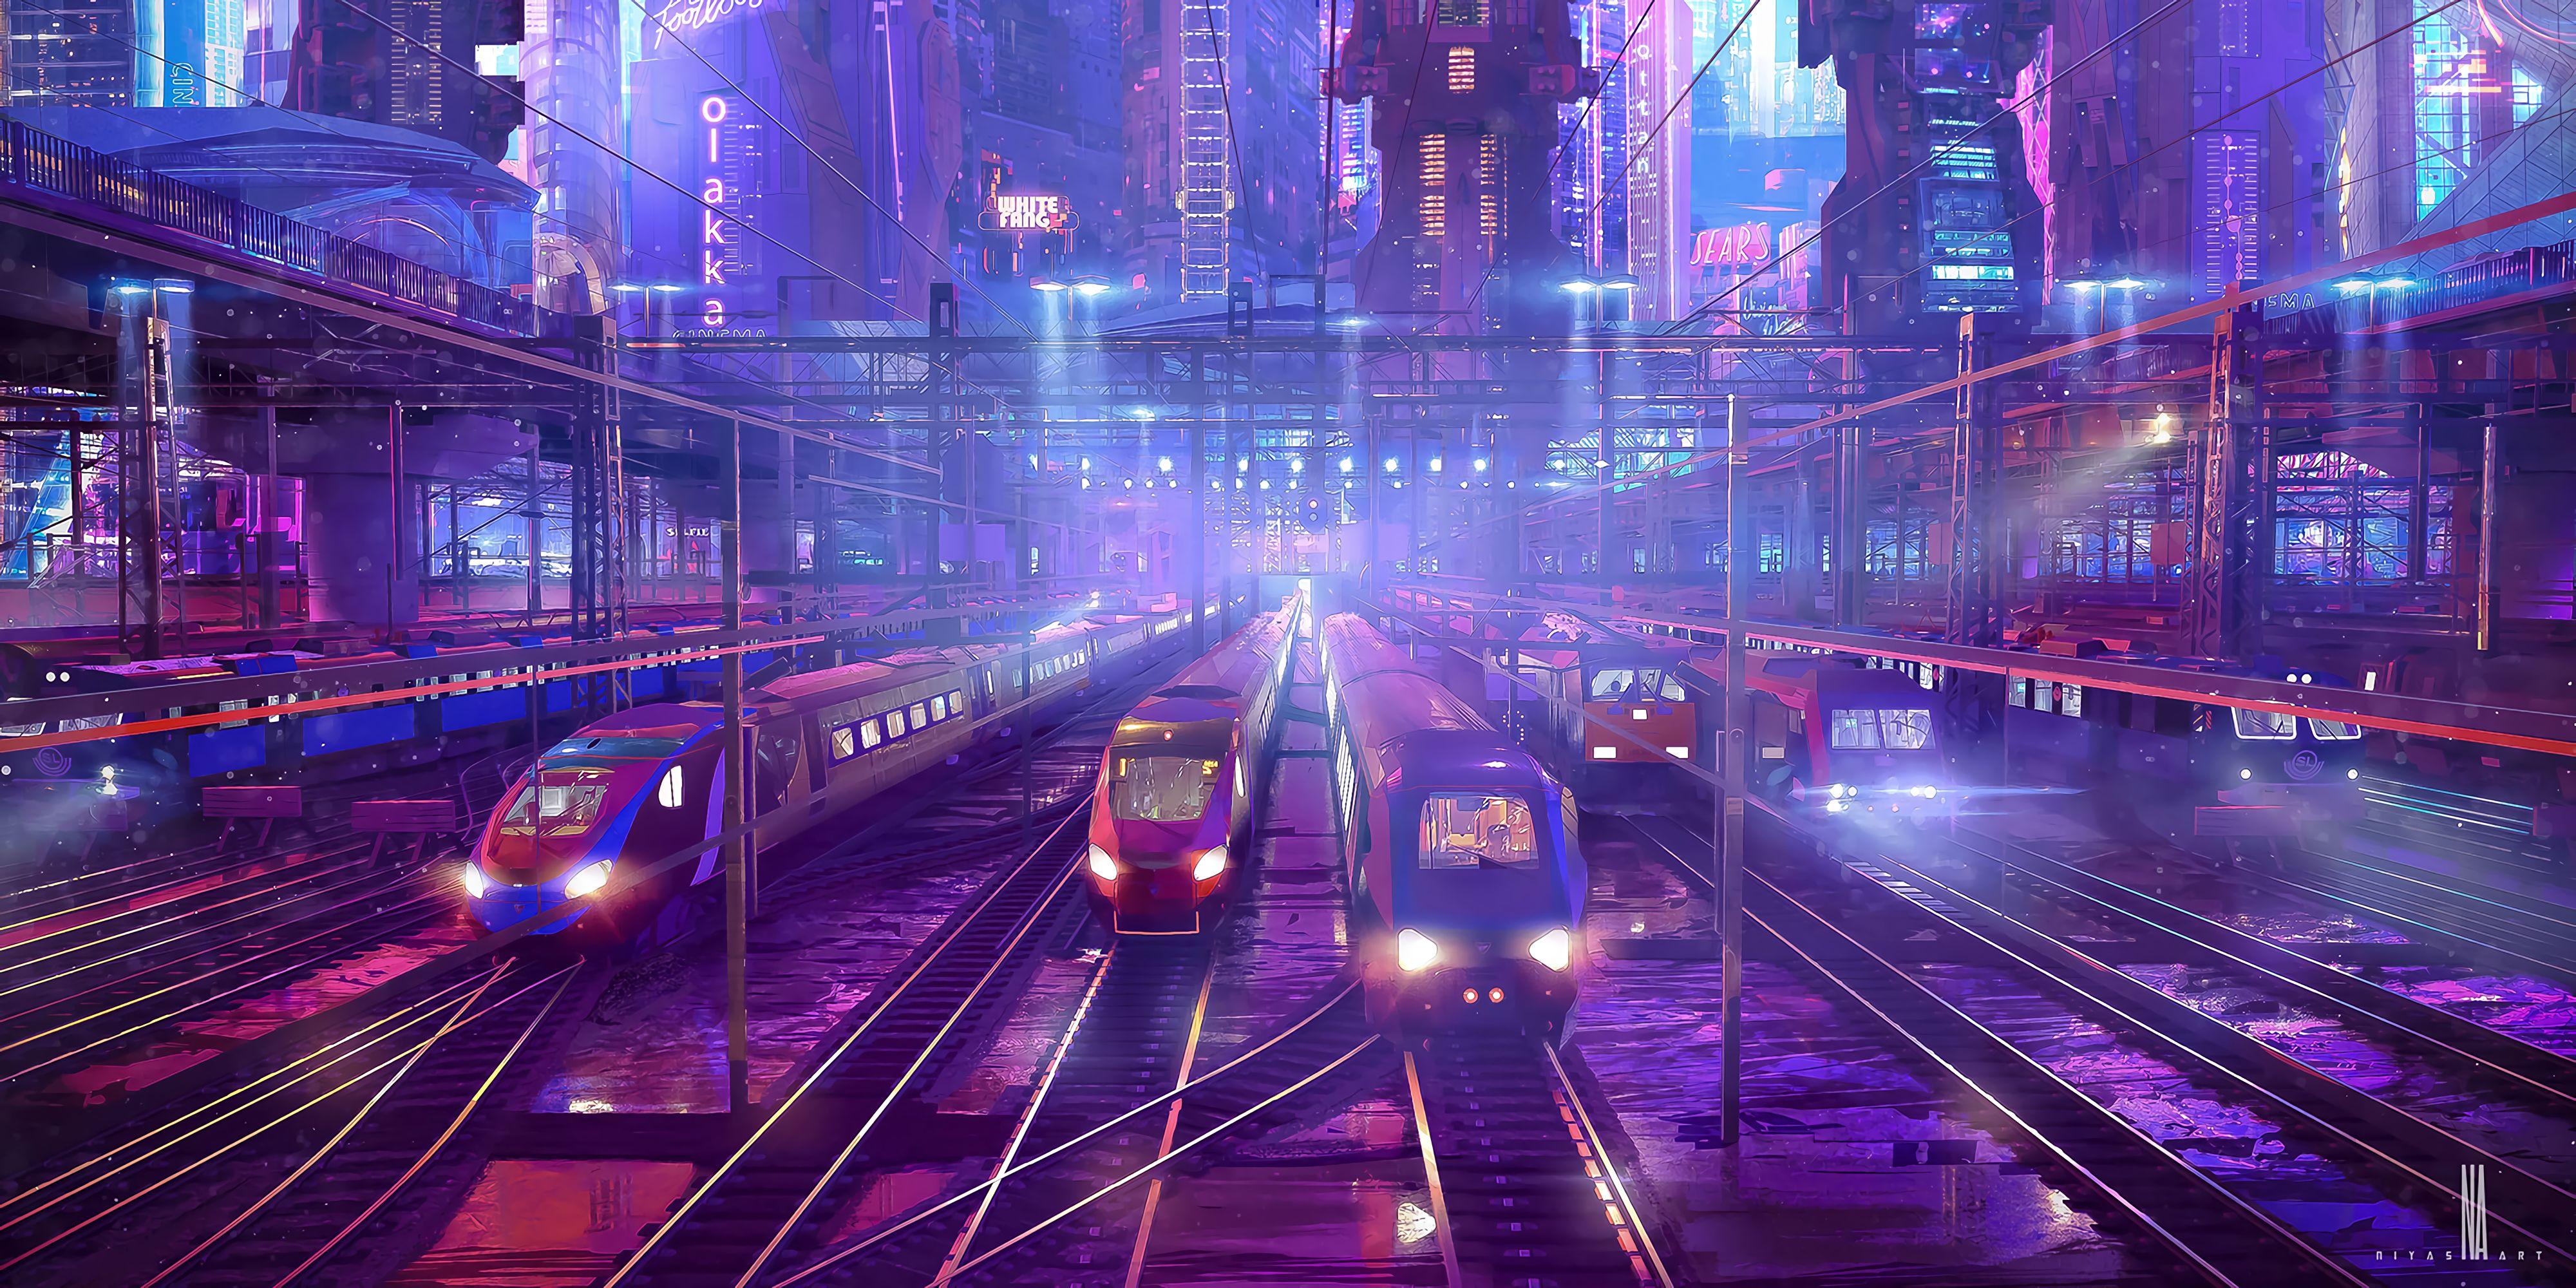 149793 скачать обои Поезда, Железная Дорога, Станция, Арт, Киберпанк - заставки и картинки бесплатно